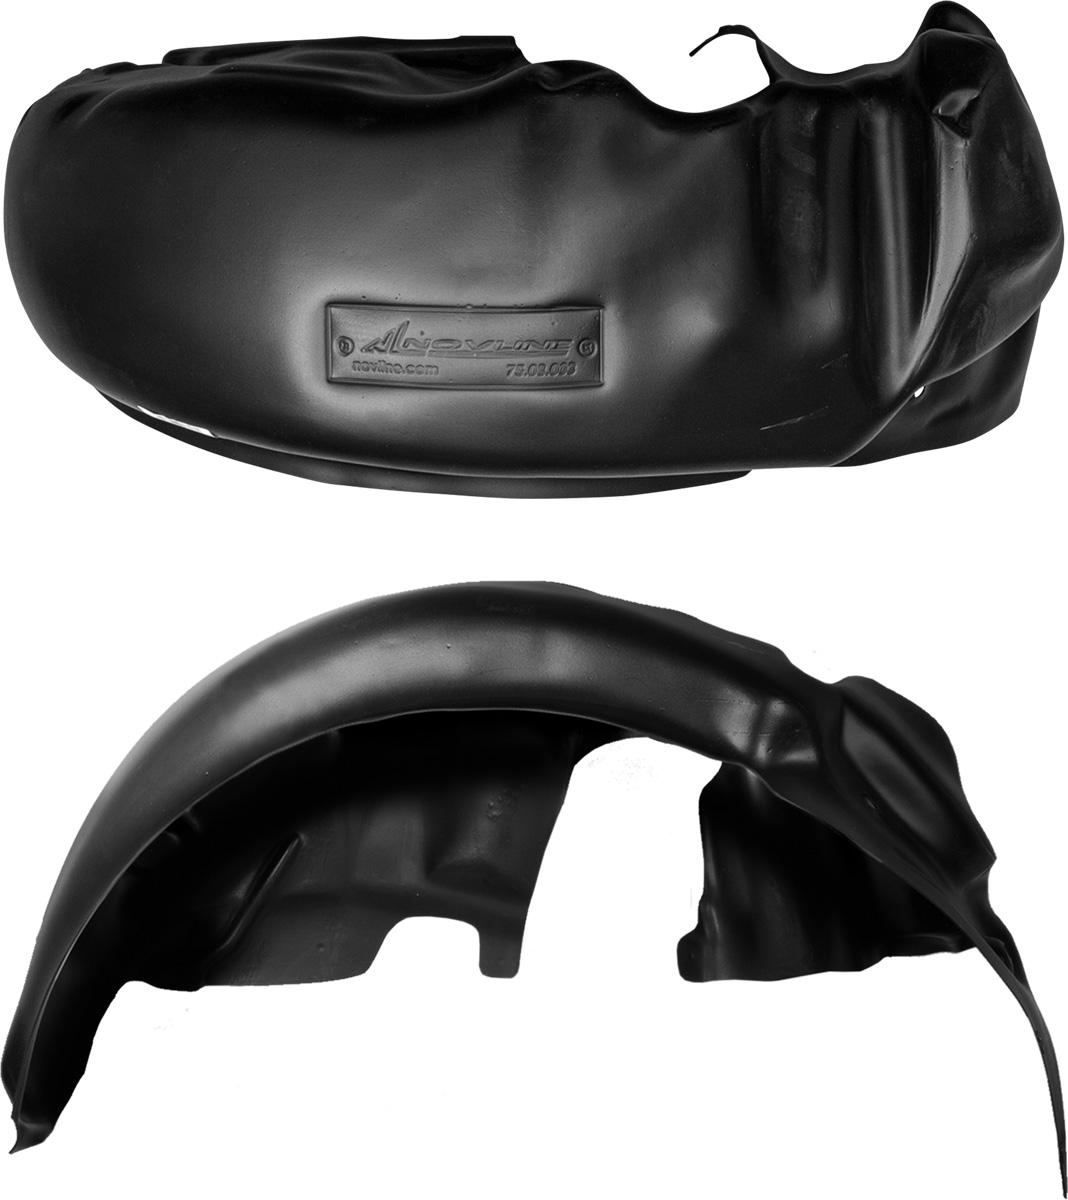 Подкрылок RENAULT Logan, 2013, рестайлинг, задний правыйCA-3505Колесные ниши – одни из самых уязвимых зон днища вашего автомобиля. Они постоянно подвергаются воздействию со стороны дороги. Лучшая, почти абсолютная защита для них - специально отформованные пластиковые кожухи, которые называются подкрылками, или локерами. Производятся они как для отечественных моделей автомобилей, так и для иномарок. Подкрылки выполнены из высококачественного, экологически чистого пластика. Обеспечивают надежную защиту кузова автомобиля от пескоструйного эффекта и негативного влияния, агрессивных антигололедных реагентов. Пластик обладает более низкой теплопроводностью, чем металл, поэтому в зимний период эксплуатации использование пластиковых подкрылков позволяет лучше защитить колесные ниши от налипания снега и образования наледи. Оригинальность конструкции подчеркивает элегантность автомобиля, бережно защищает нанесенное на днище кузова антикоррозийное покрытие и позволяет осуществить крепление подкрылков внутри колесной арки практически без дополнительного крепежа и сверления, не нарушая при этом лакокрасочного покрытия, что предотвращает возникновение новых очагов коррозии. Технология крепления подкрылков на иномарки принципиально отличается от крепления на российские автомобили и разрабатывается индивидуально для каждой модели автомобиля. Подкрылки долговечны, обладают высокой прочностью и сохраняют заданную форму, а также все свои физико-механические характеристики в самых тяжелых климатических условиях ( от -50° С до + 50° С).